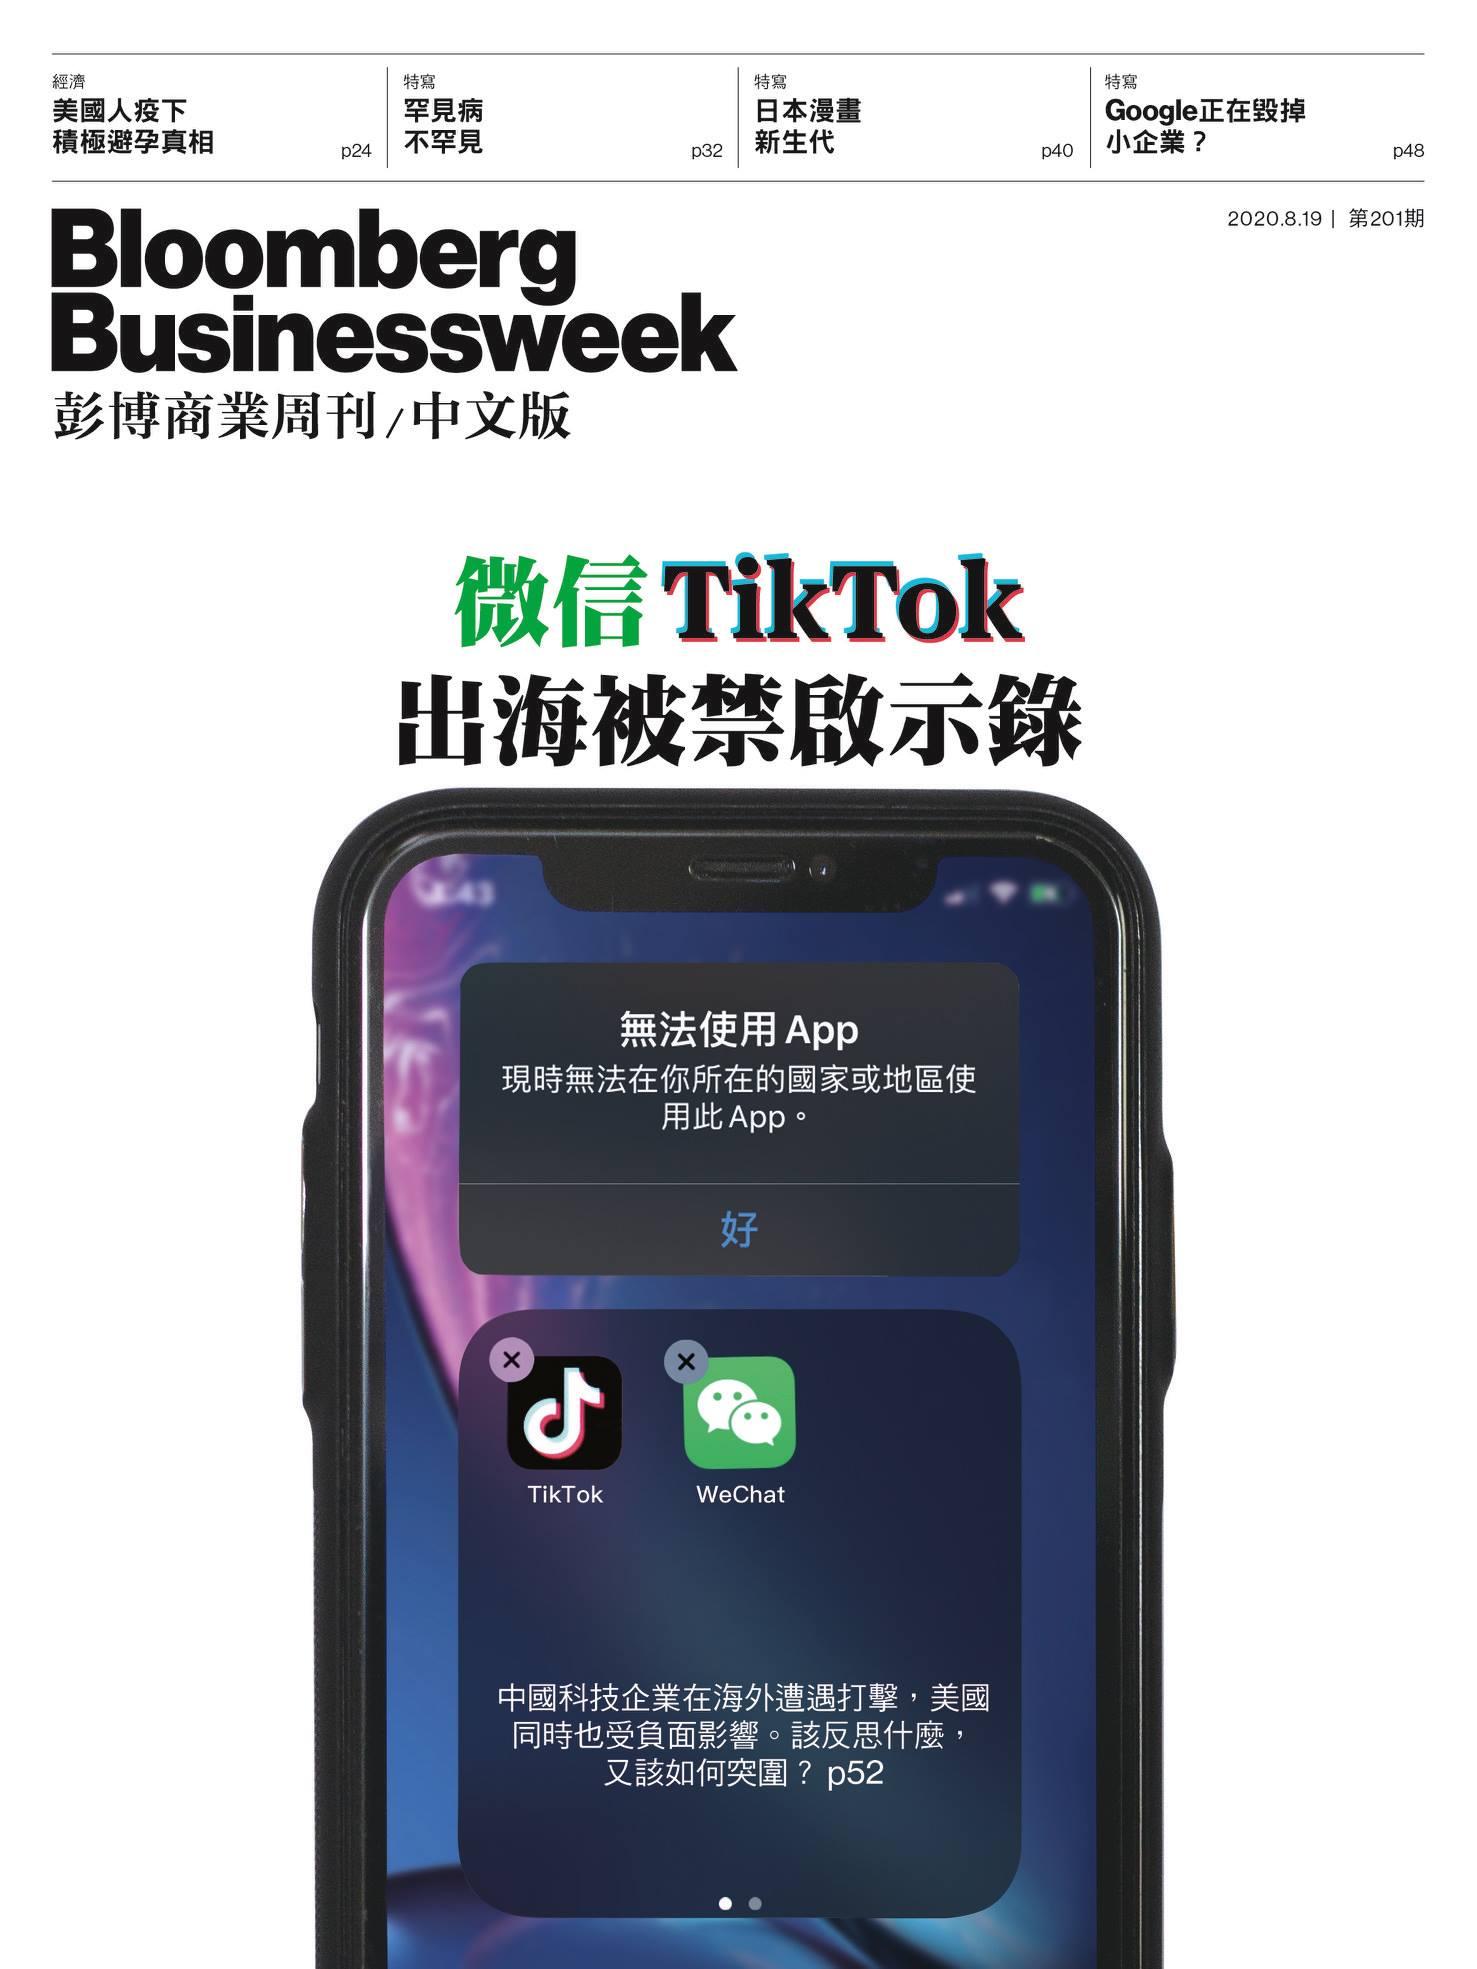 彭博商業周刊/中文版 第201期